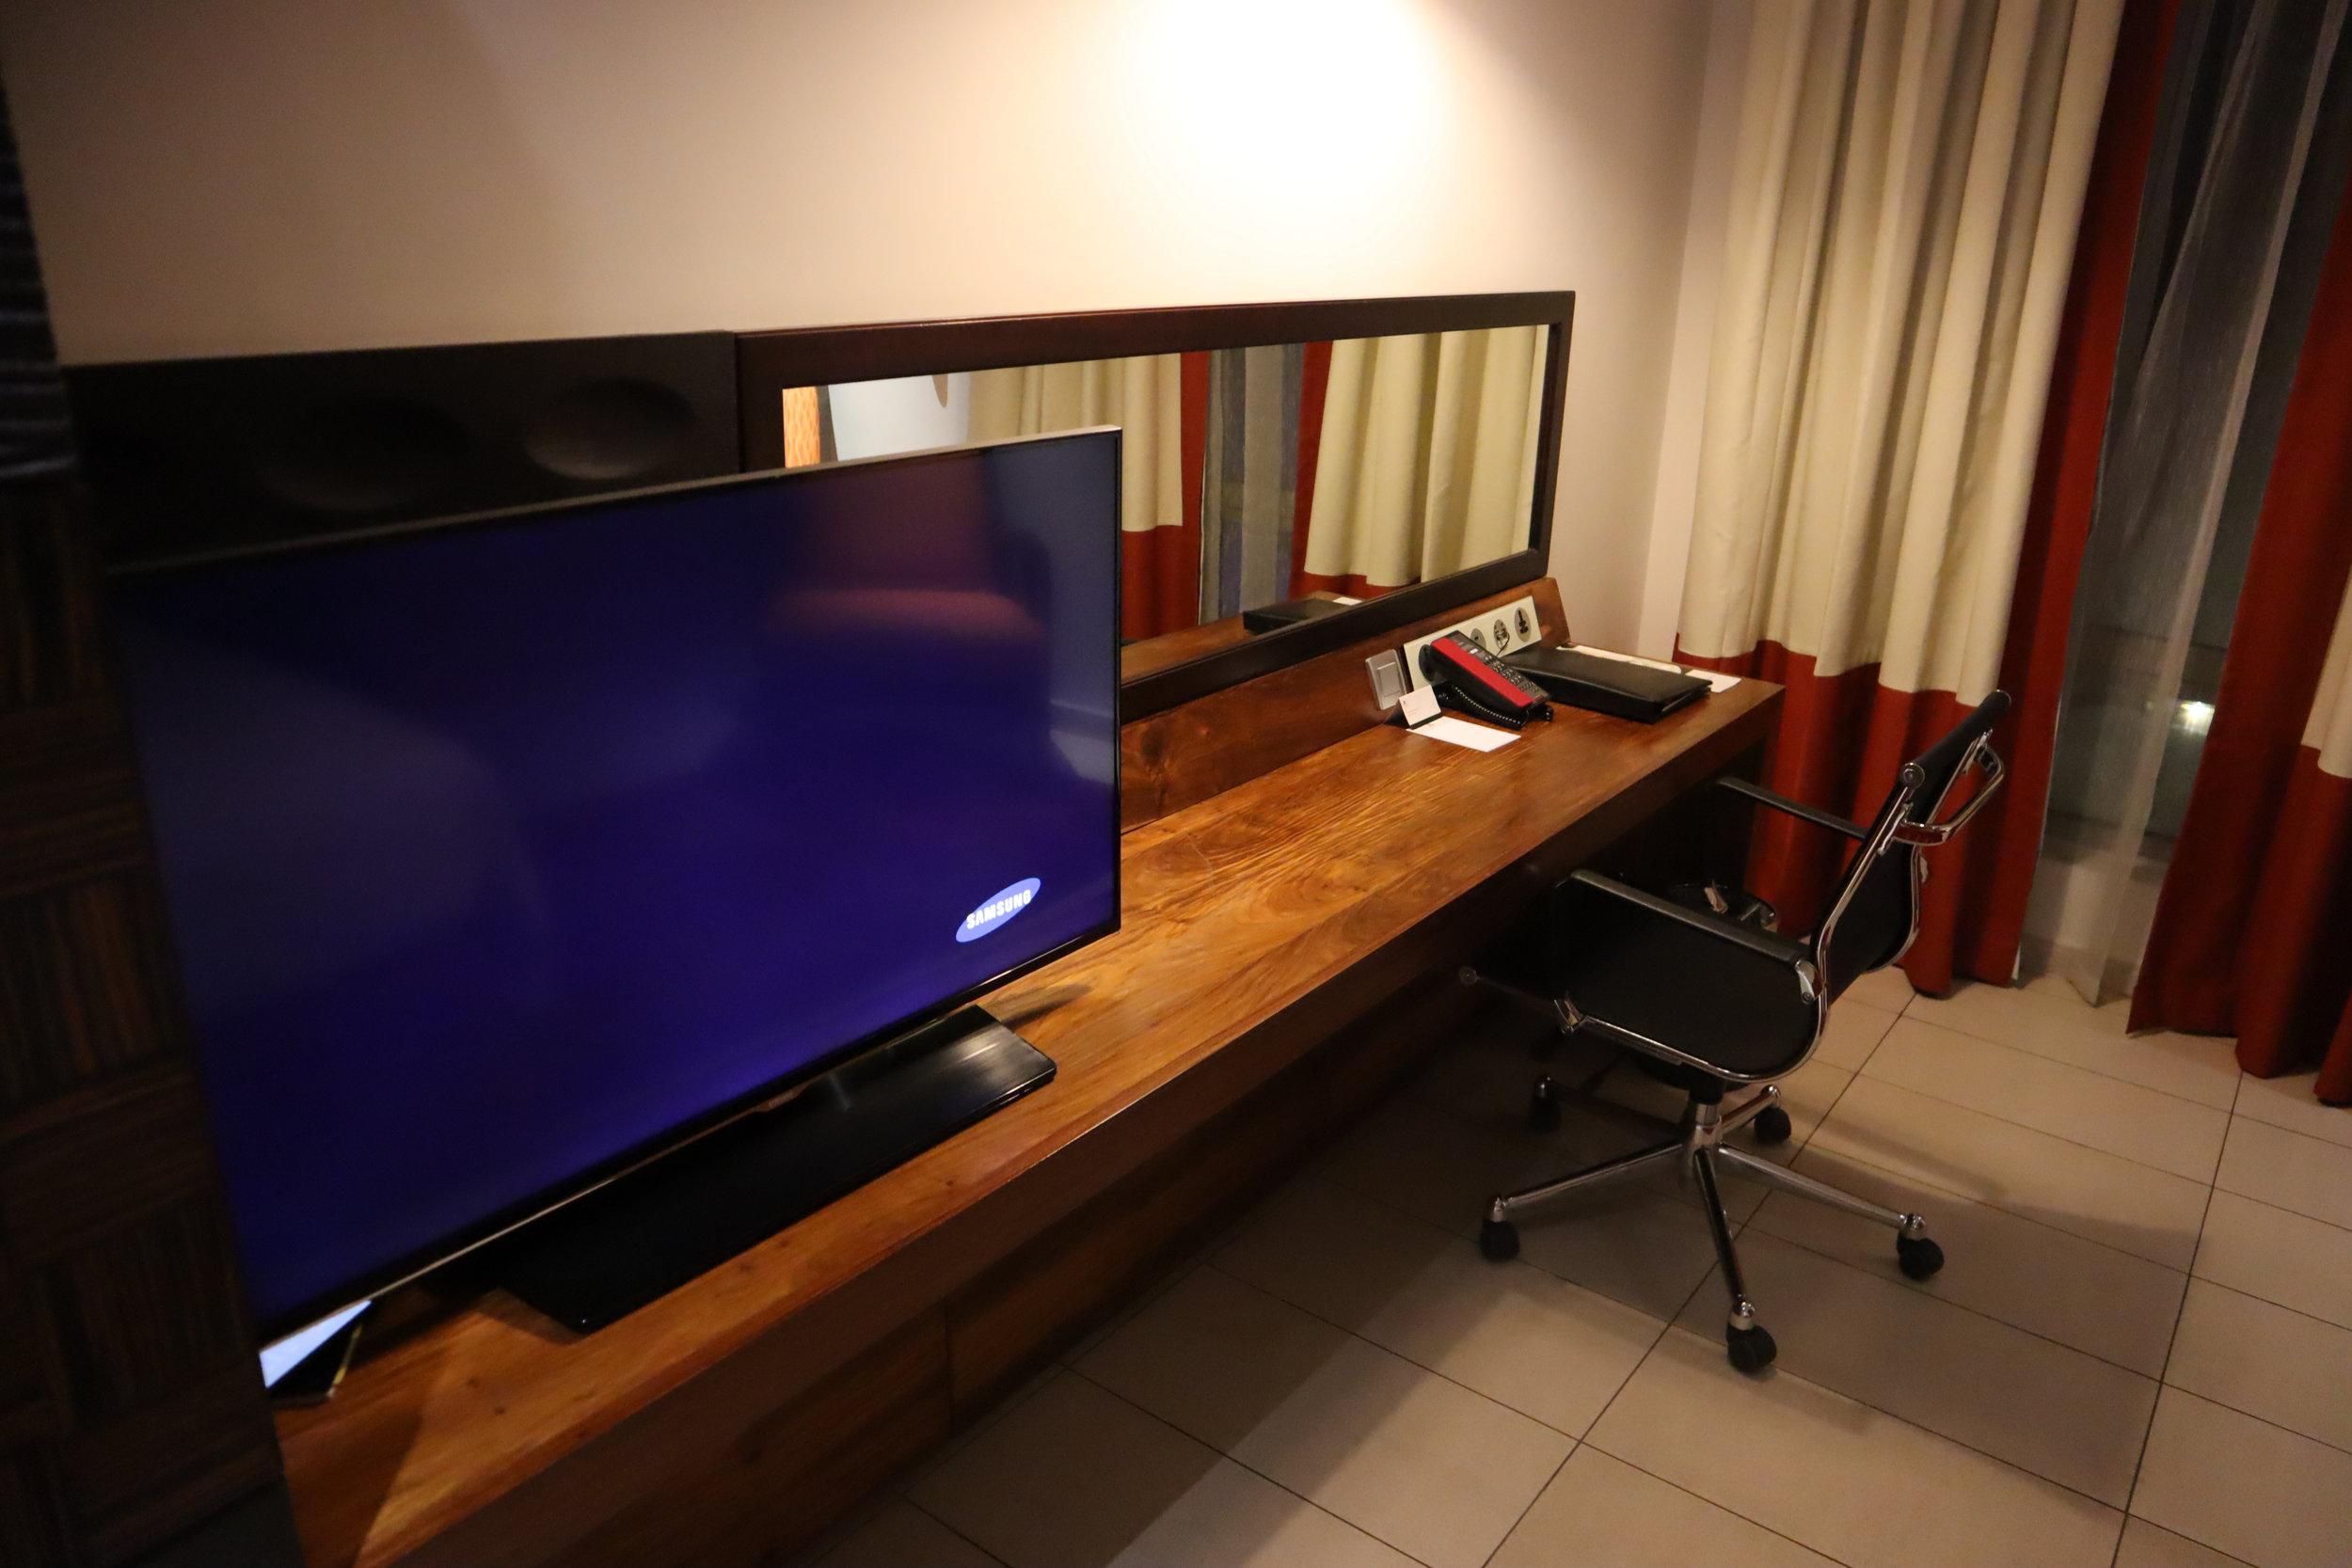 Marriott Accra – TV and desk